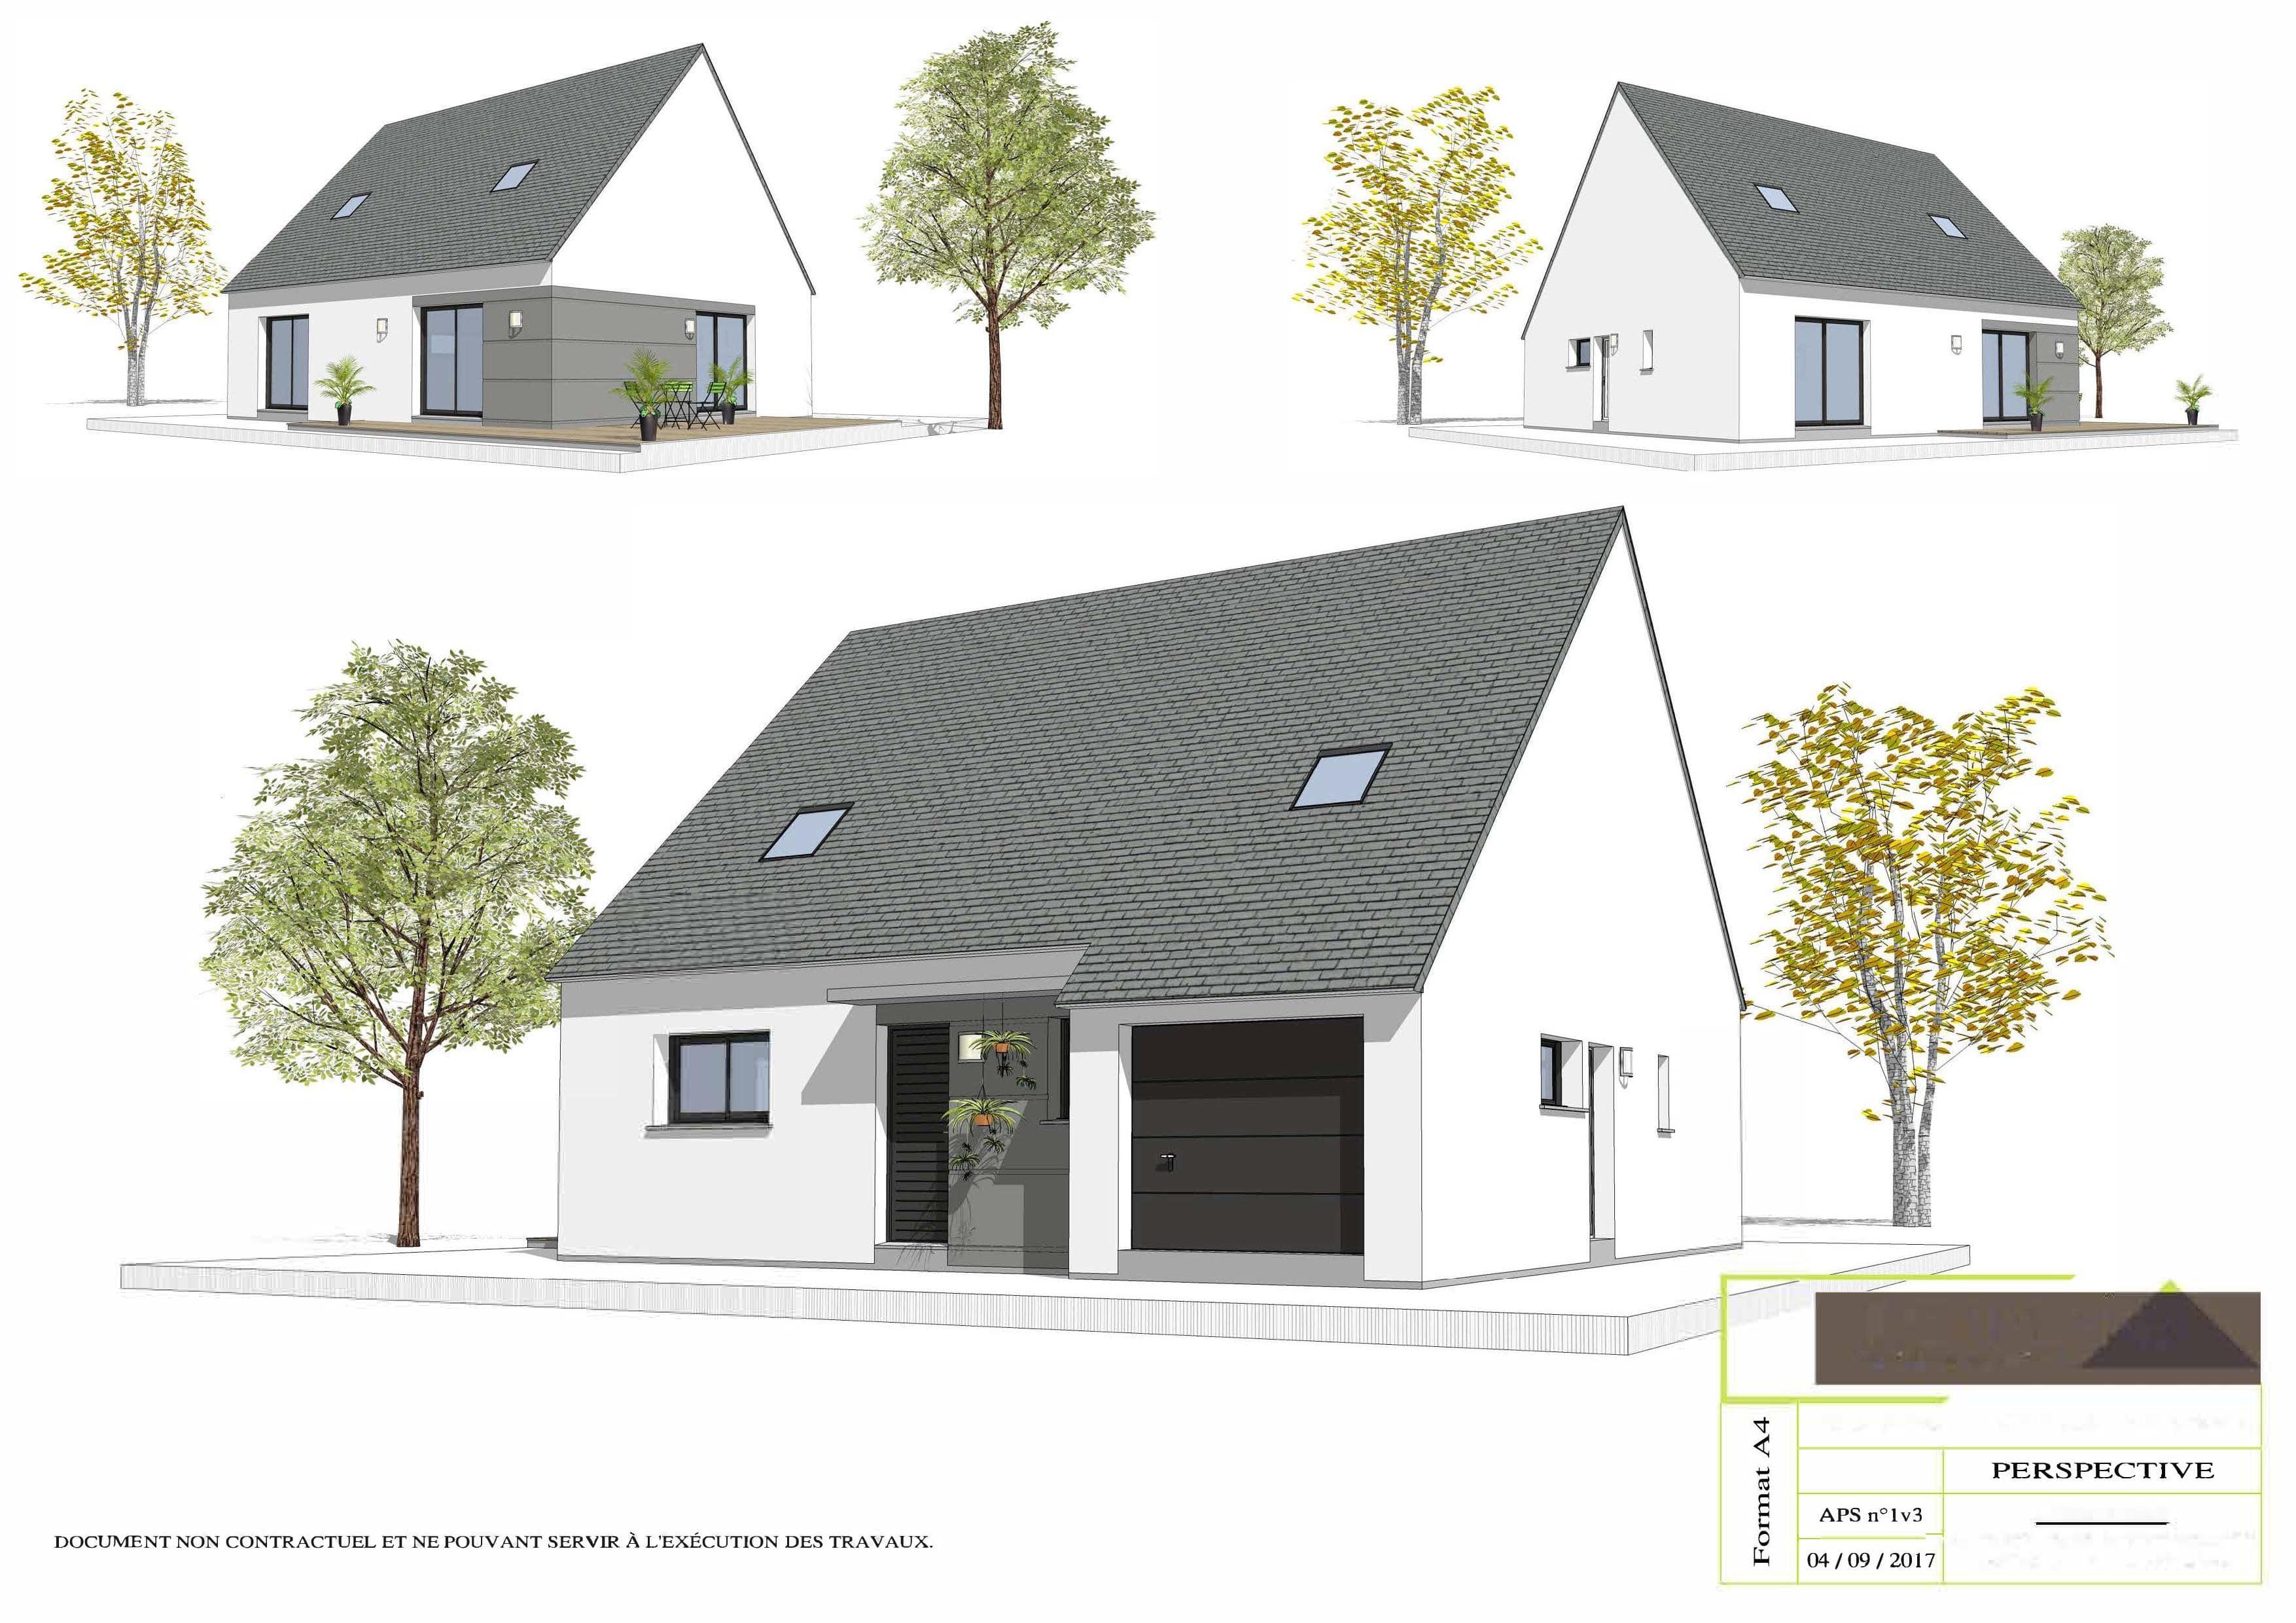 maison traditionnel à étage avec enduit bicolore blanc et gris